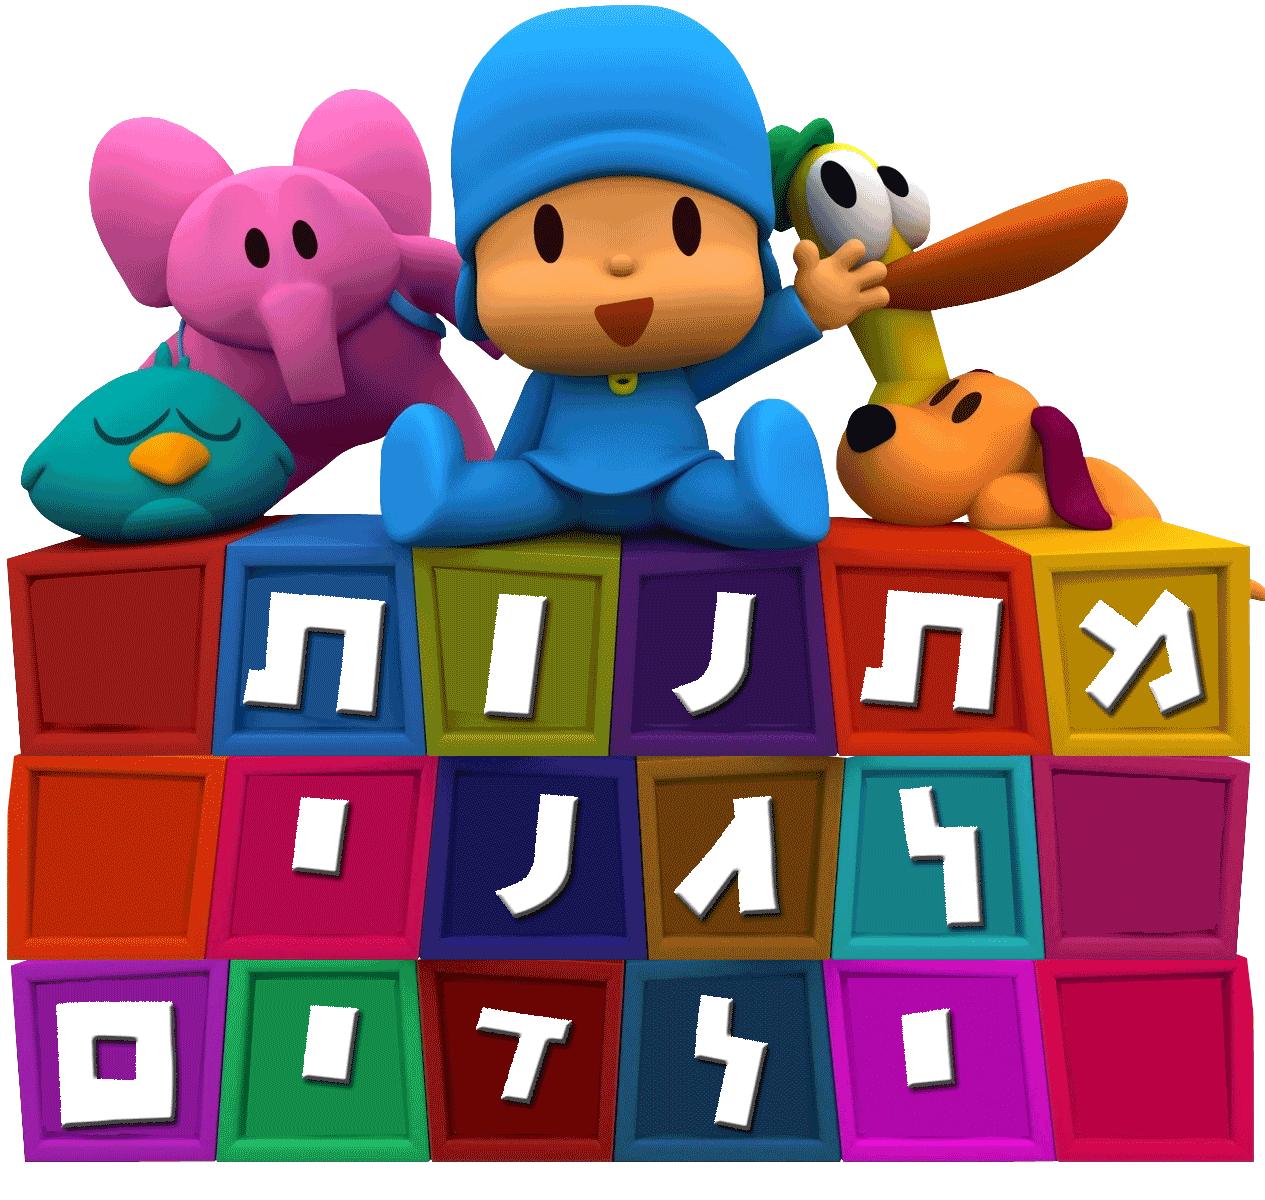 מתנות לגני ילדים-הדפסה על צעצועים ומשחקים